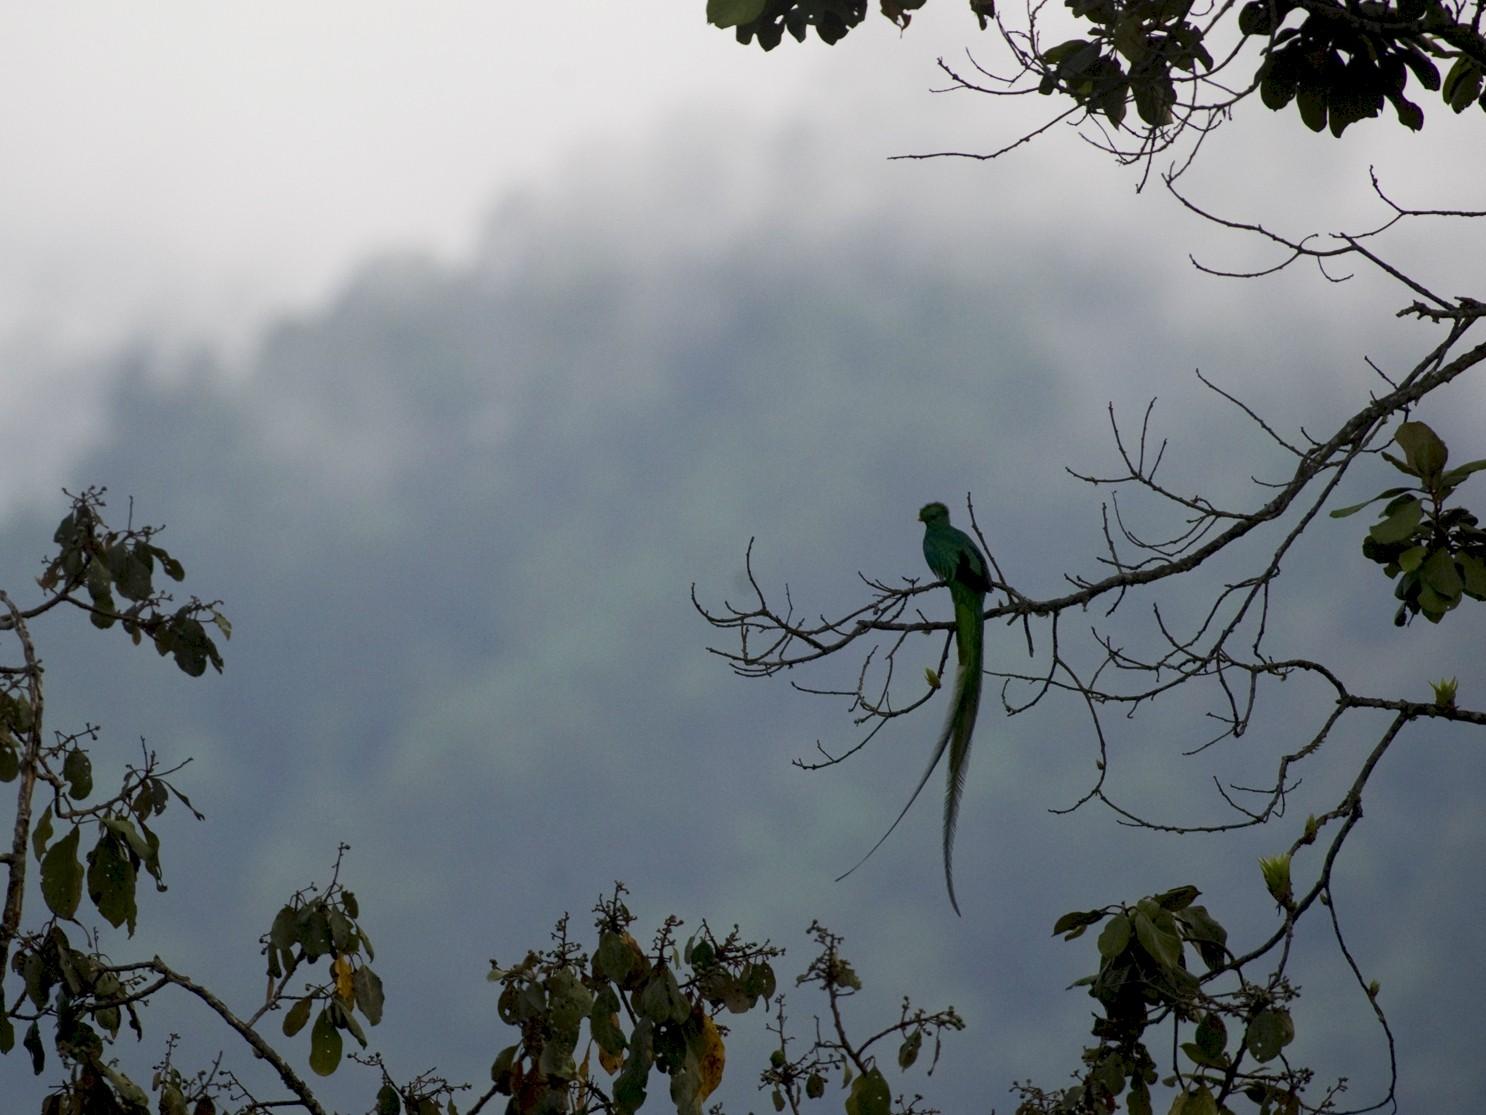 Resplendent Quetzal - John Cahill xikanel.com